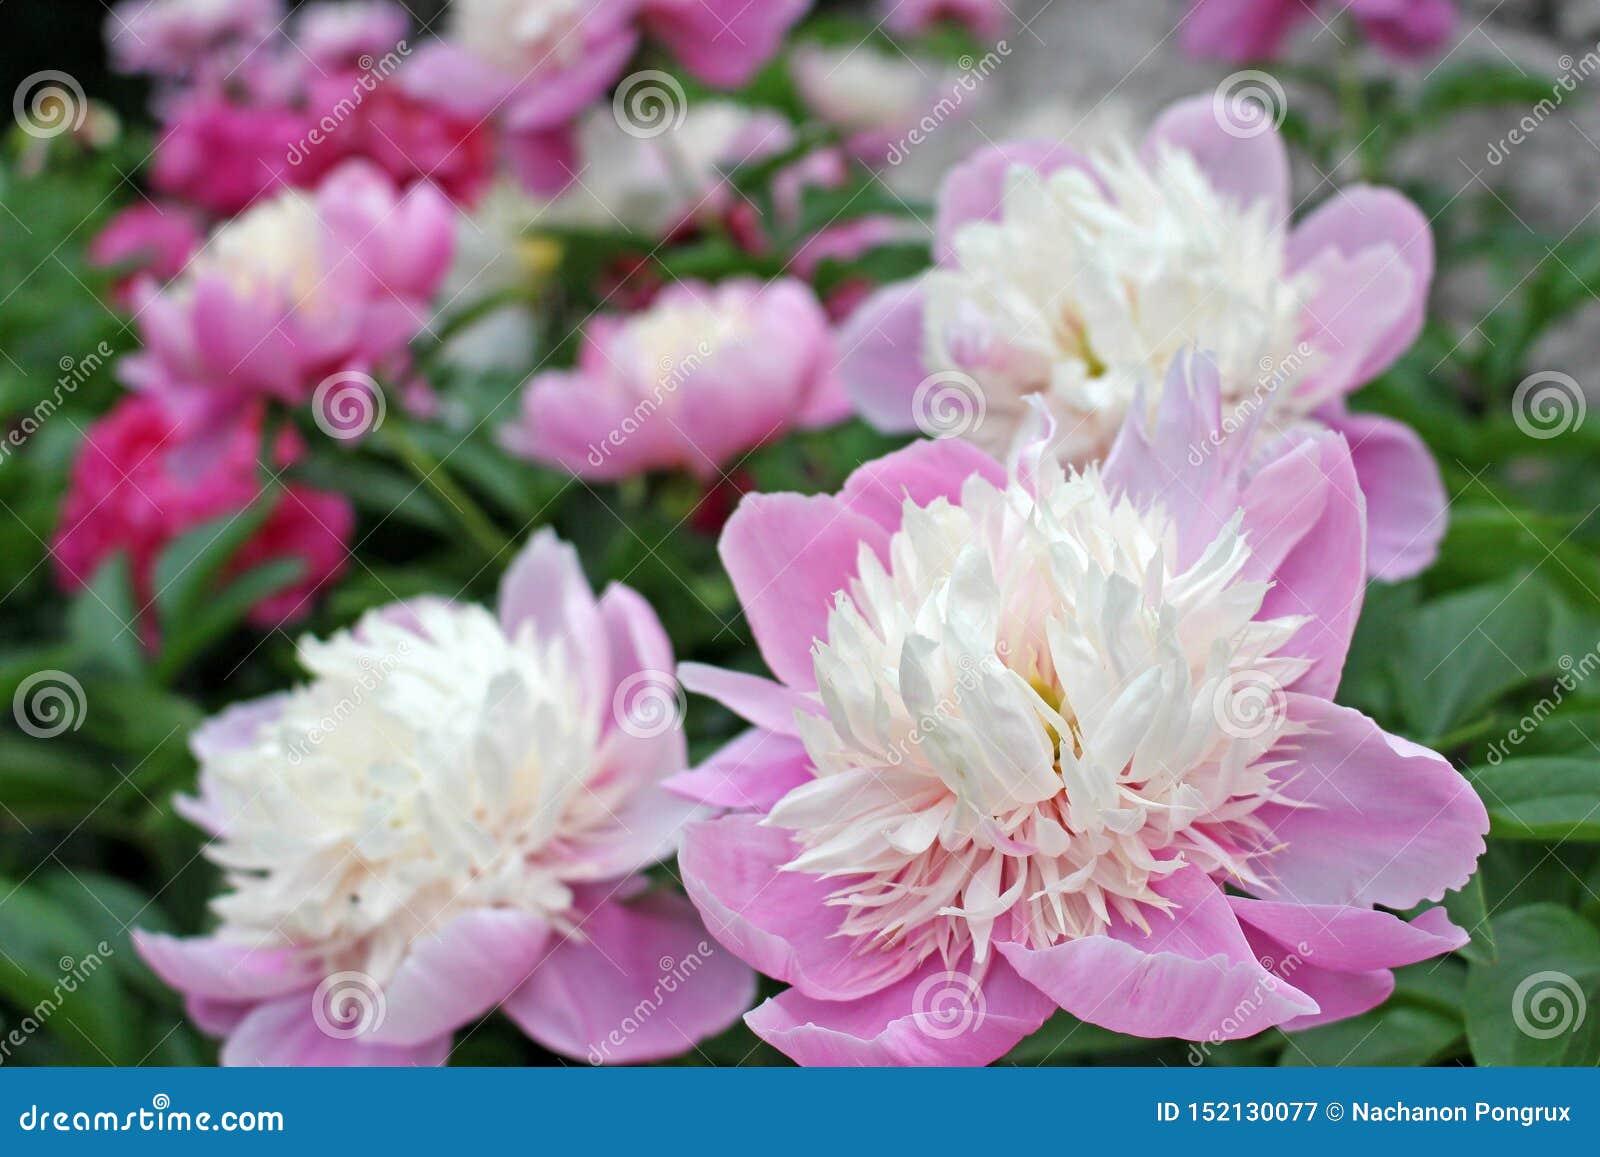 Närbildsikten av den härliga delikata vita och purpurfärgade blomman i gräsplan graden